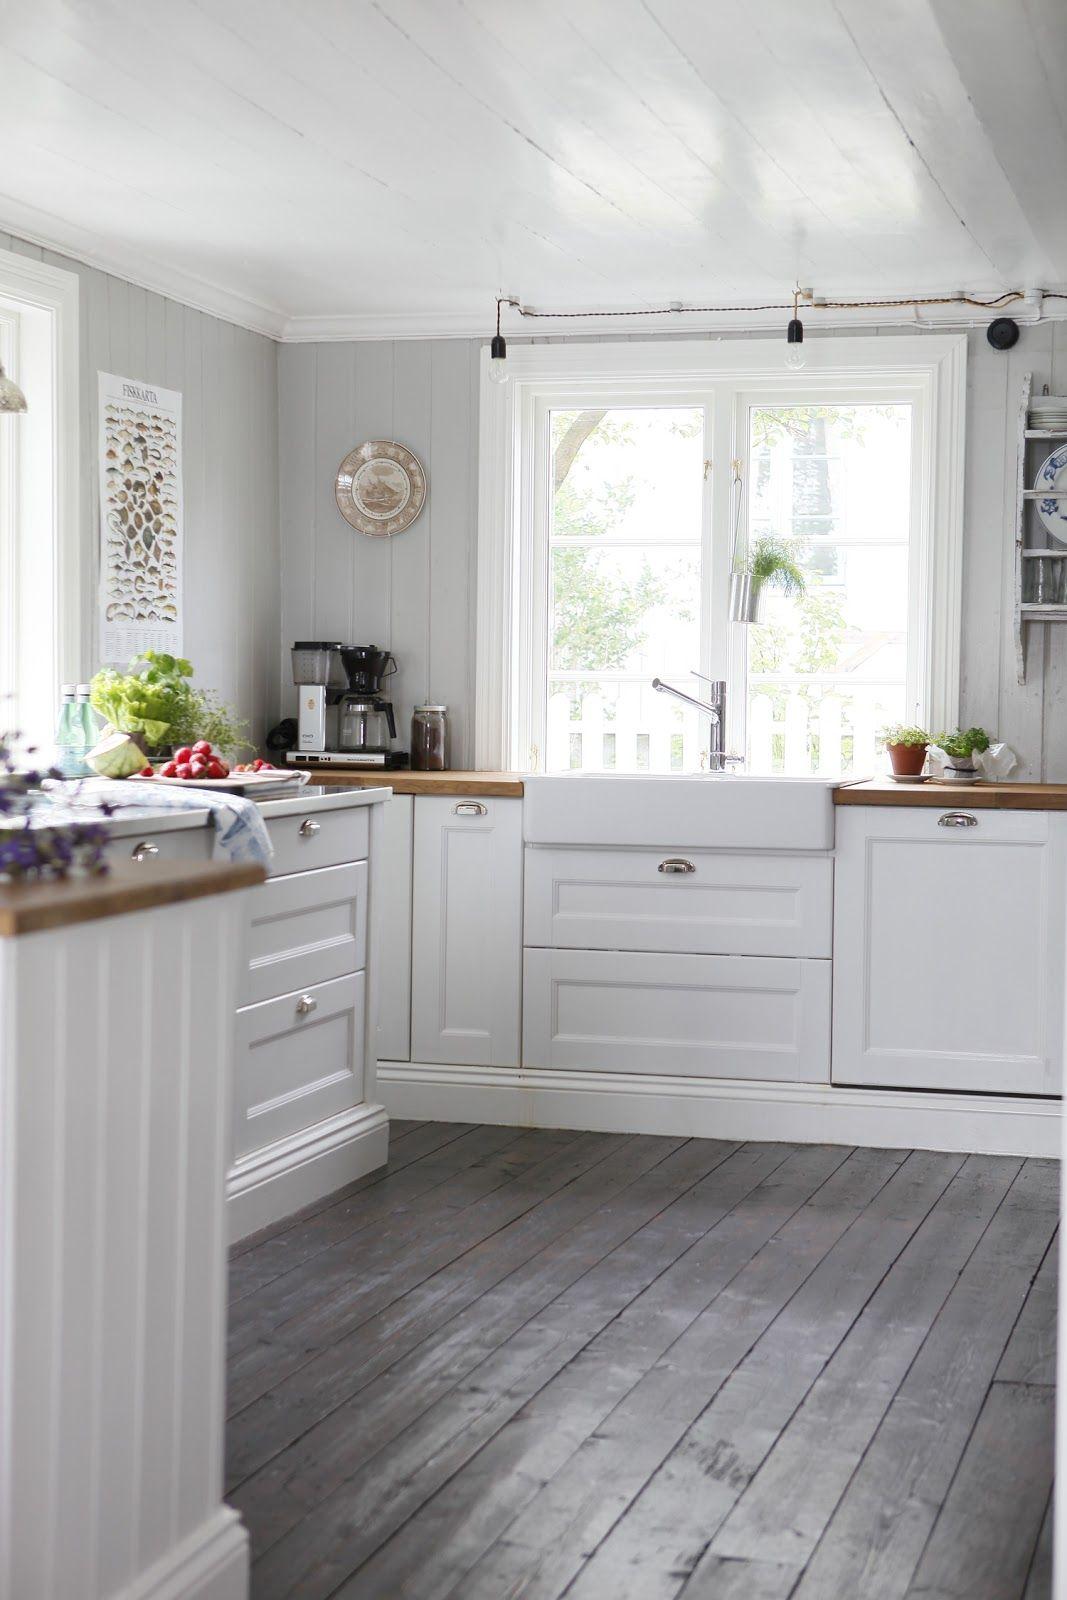 gray kitchen floor Planks